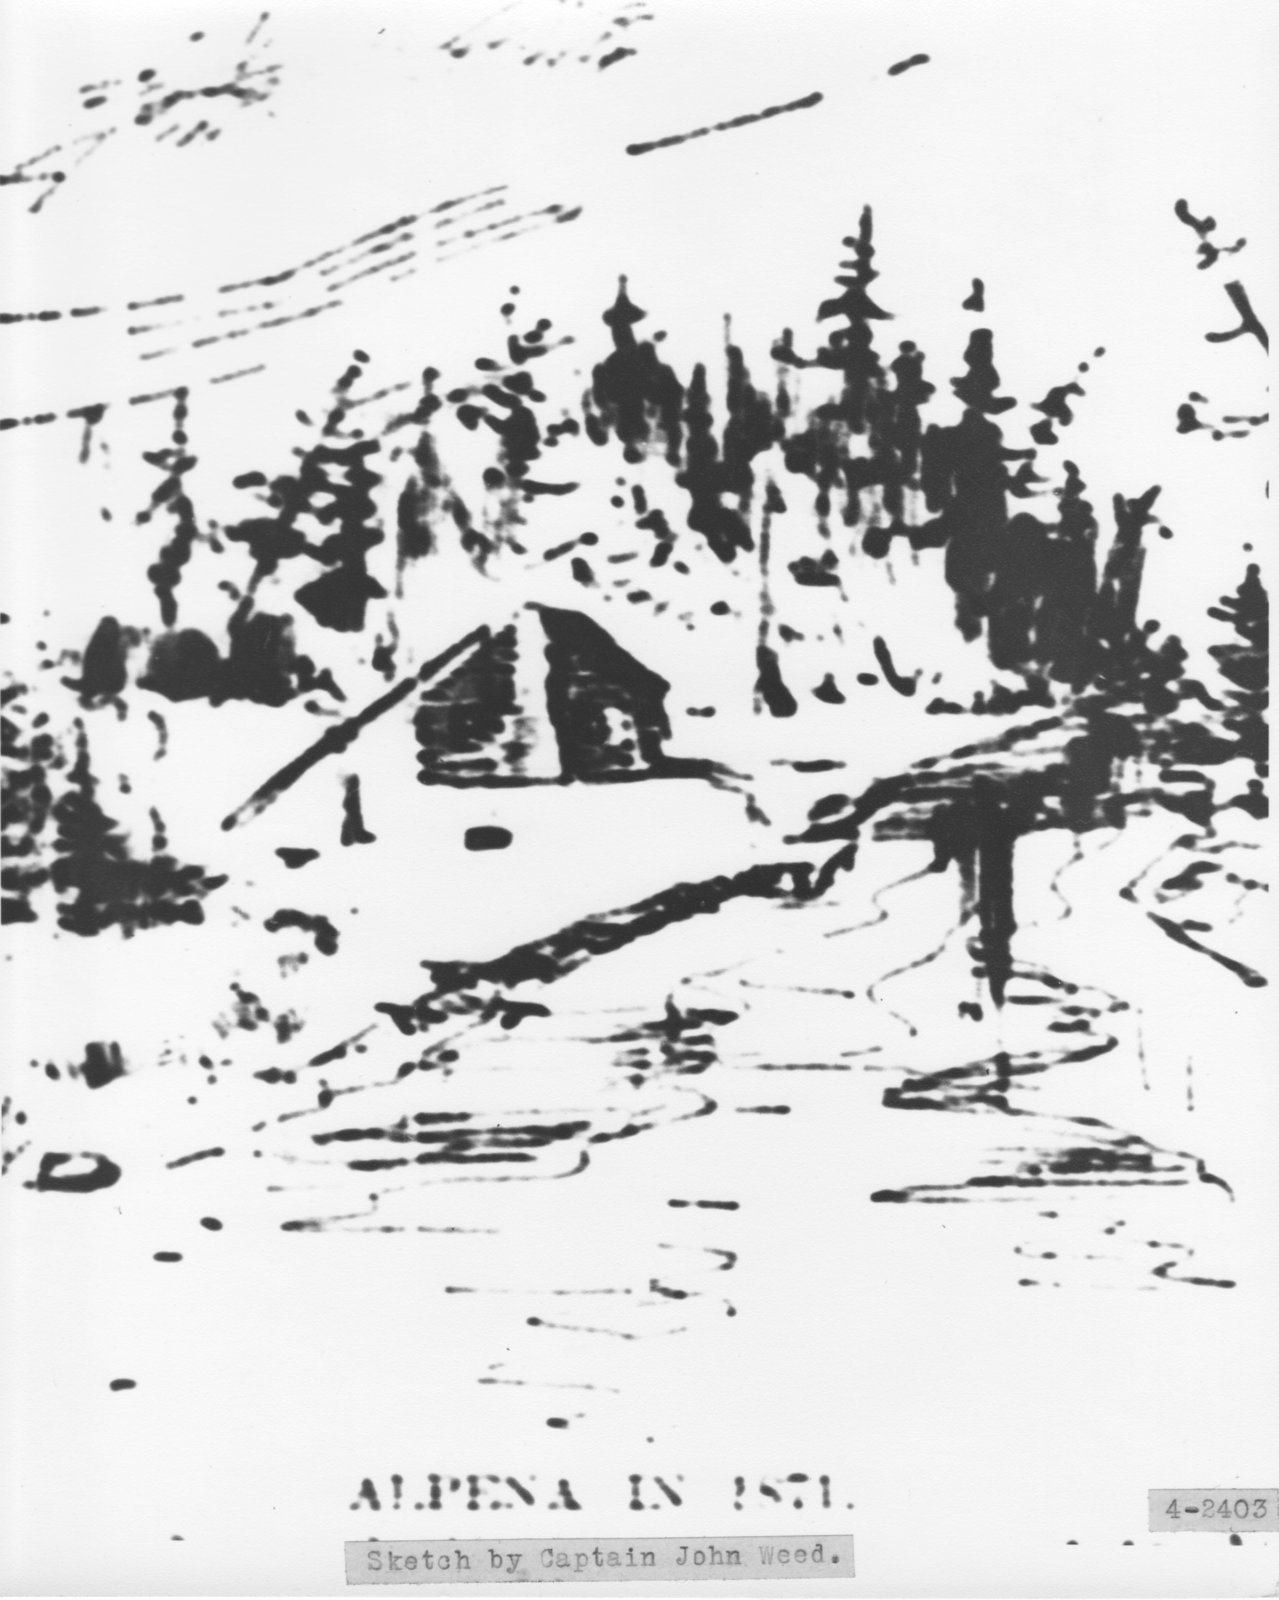 Sketch of Alpena in 1871